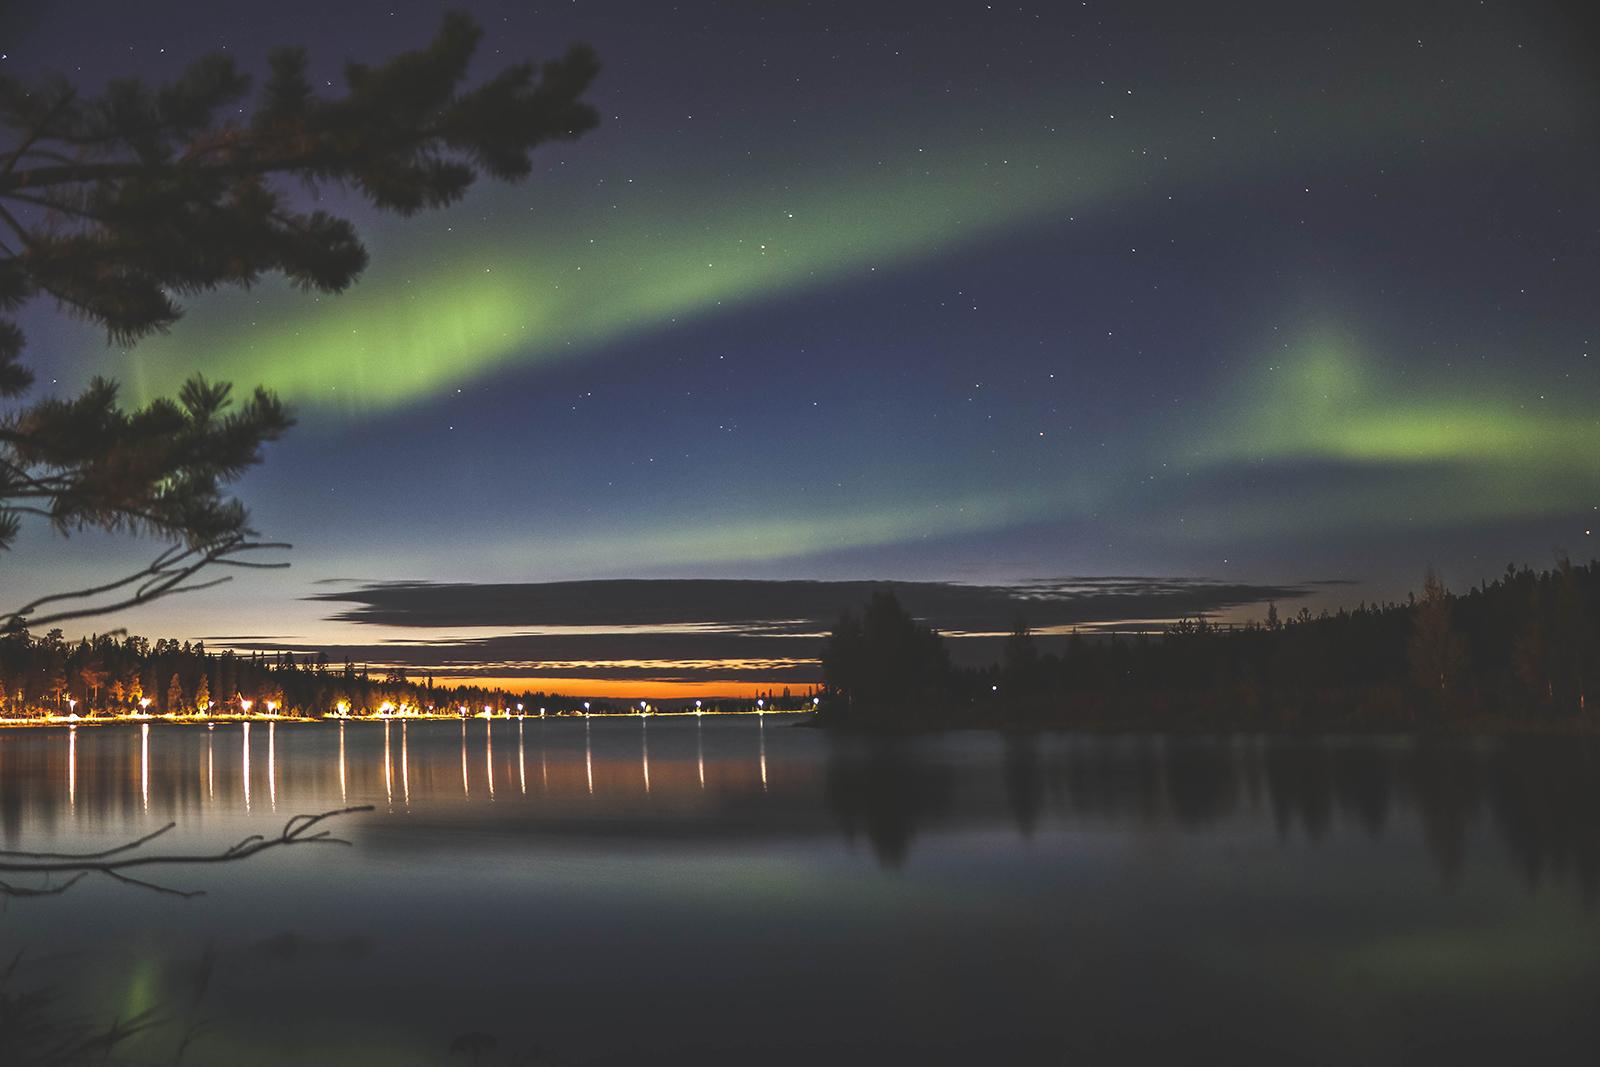 Op vakantie naar Finland - Noorderlicht zien